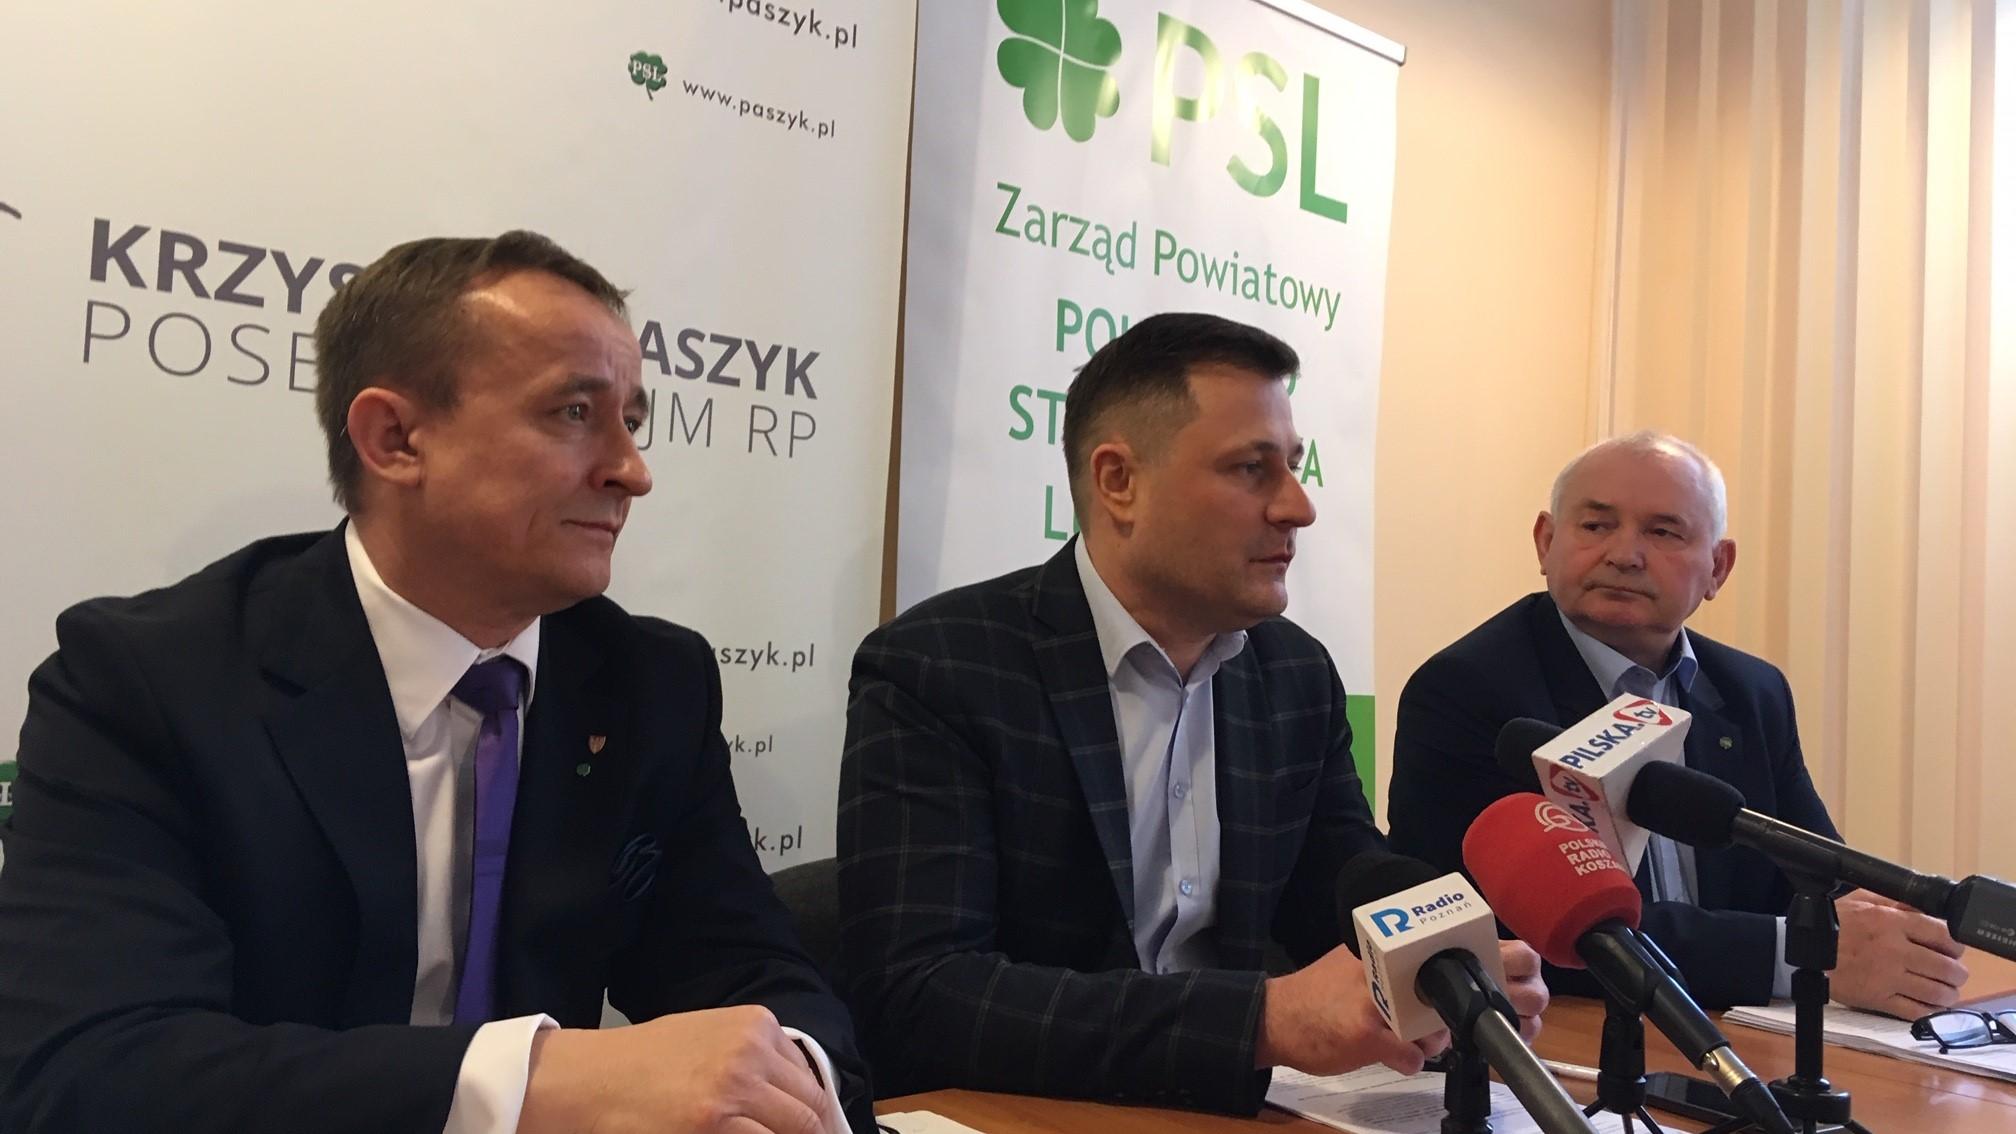 krzysztof paszyk psl piła - Przemysław Stochaj